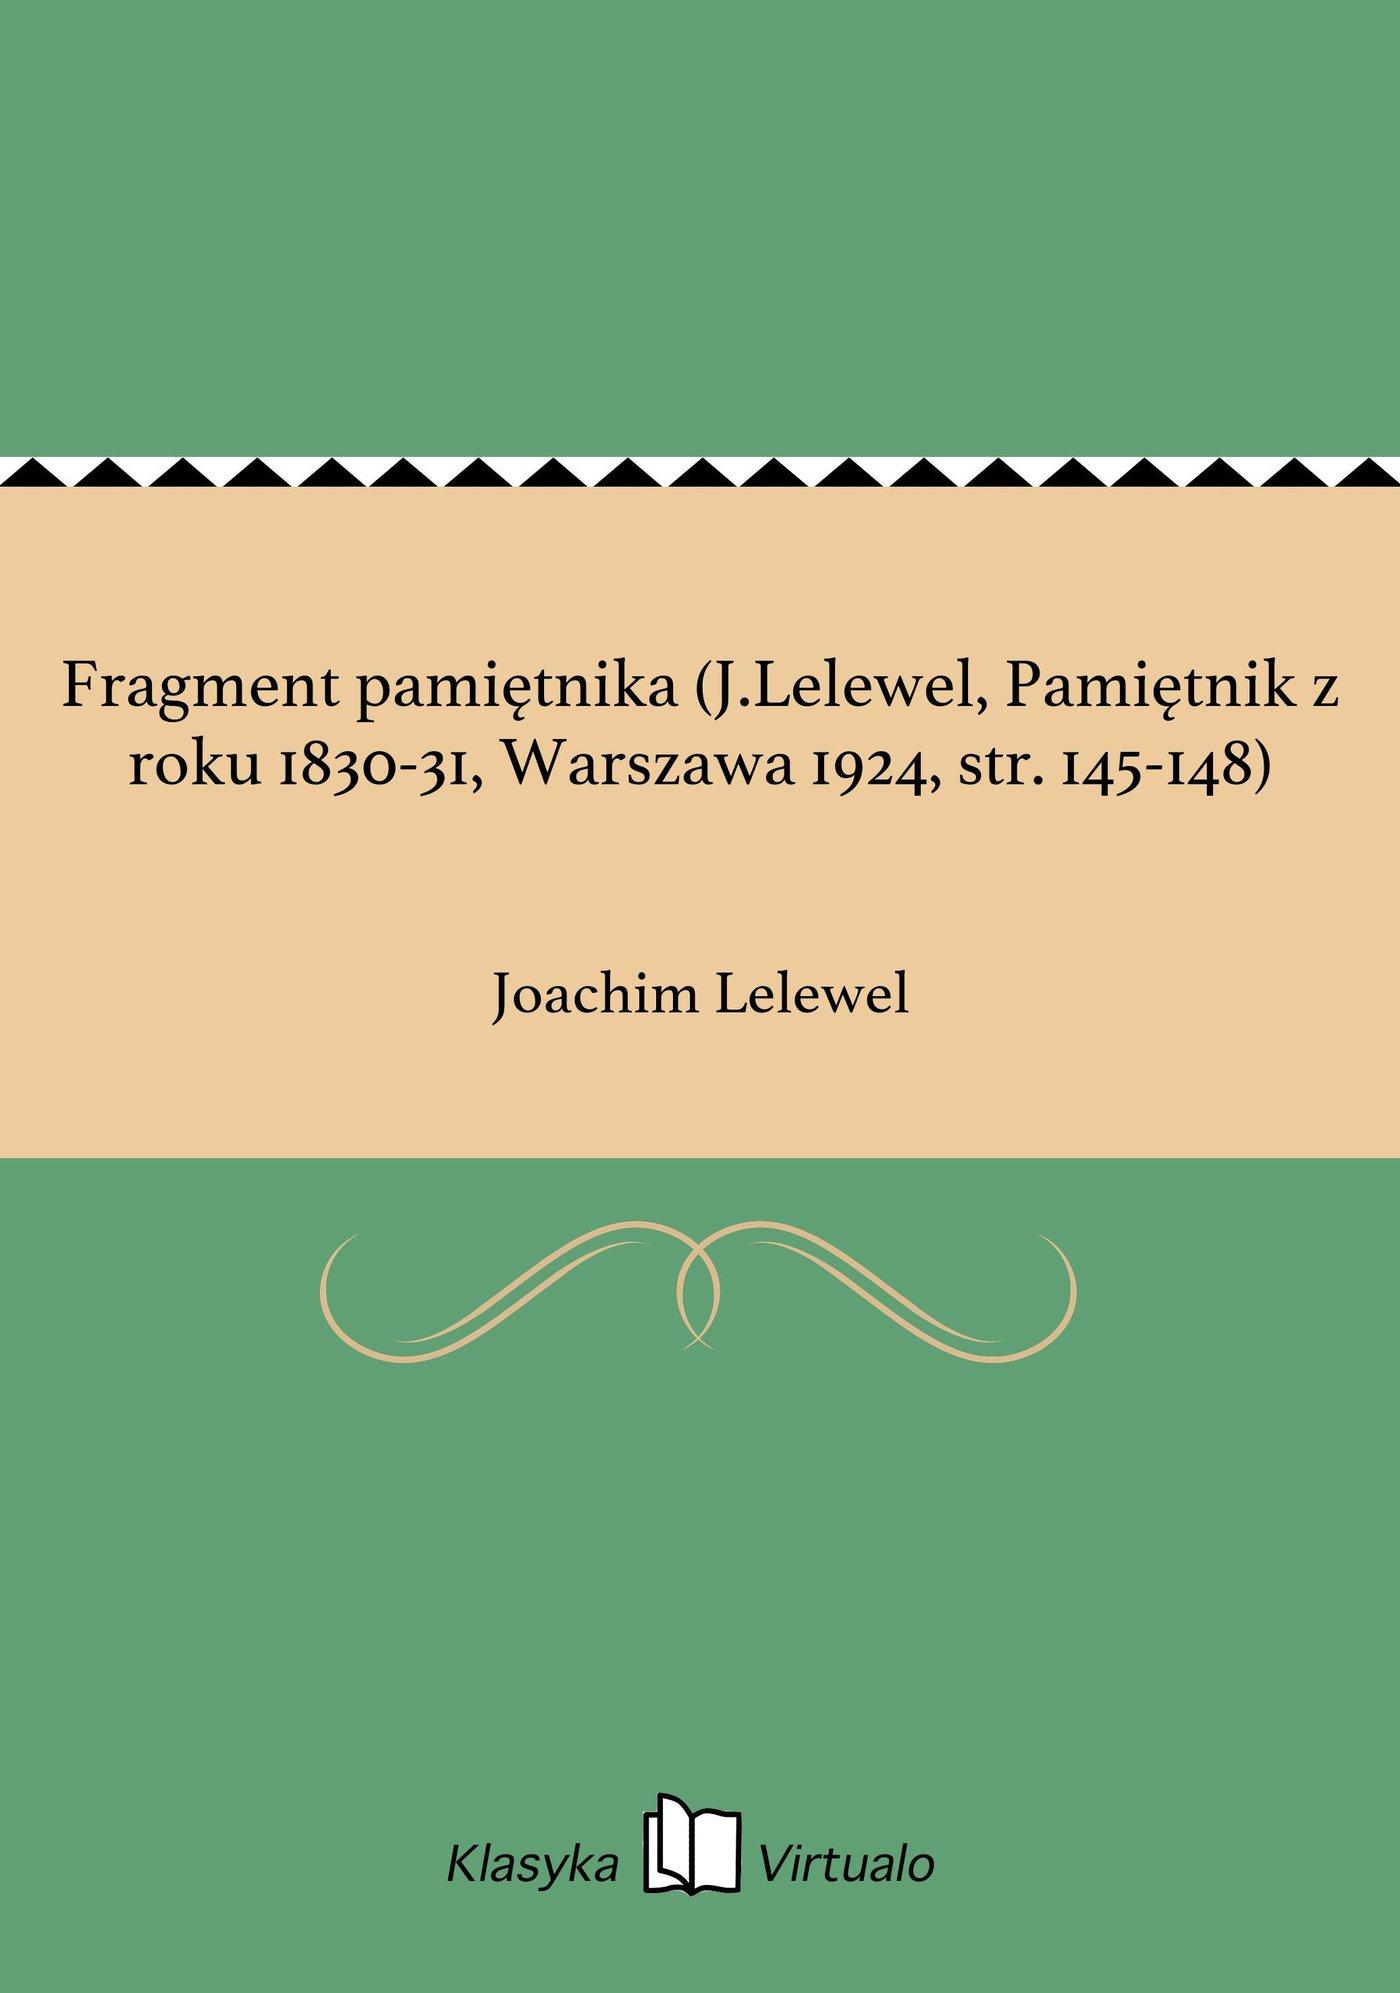 Fragment pamiętnika (J.Lelewel, Pamiętnik z roku 1830-31, Warszawa 1924, str. 145-148) - Ebook (Książka EPUB) do pobrania w formacie EPUB